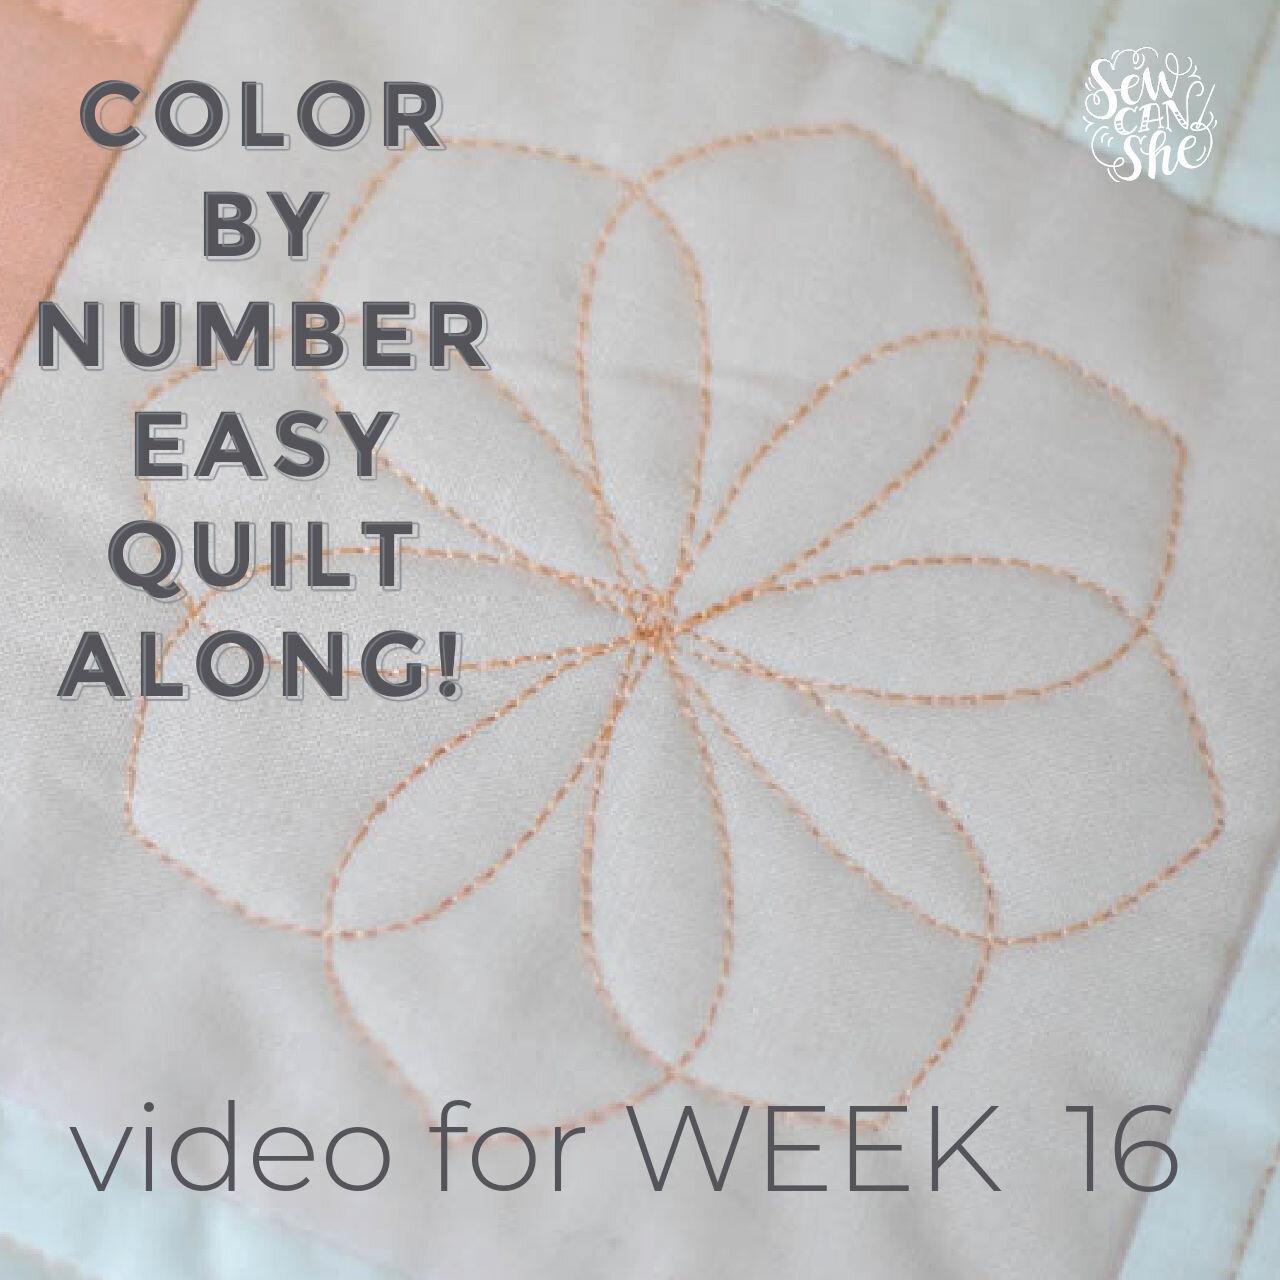 week 15 square copy.jpg